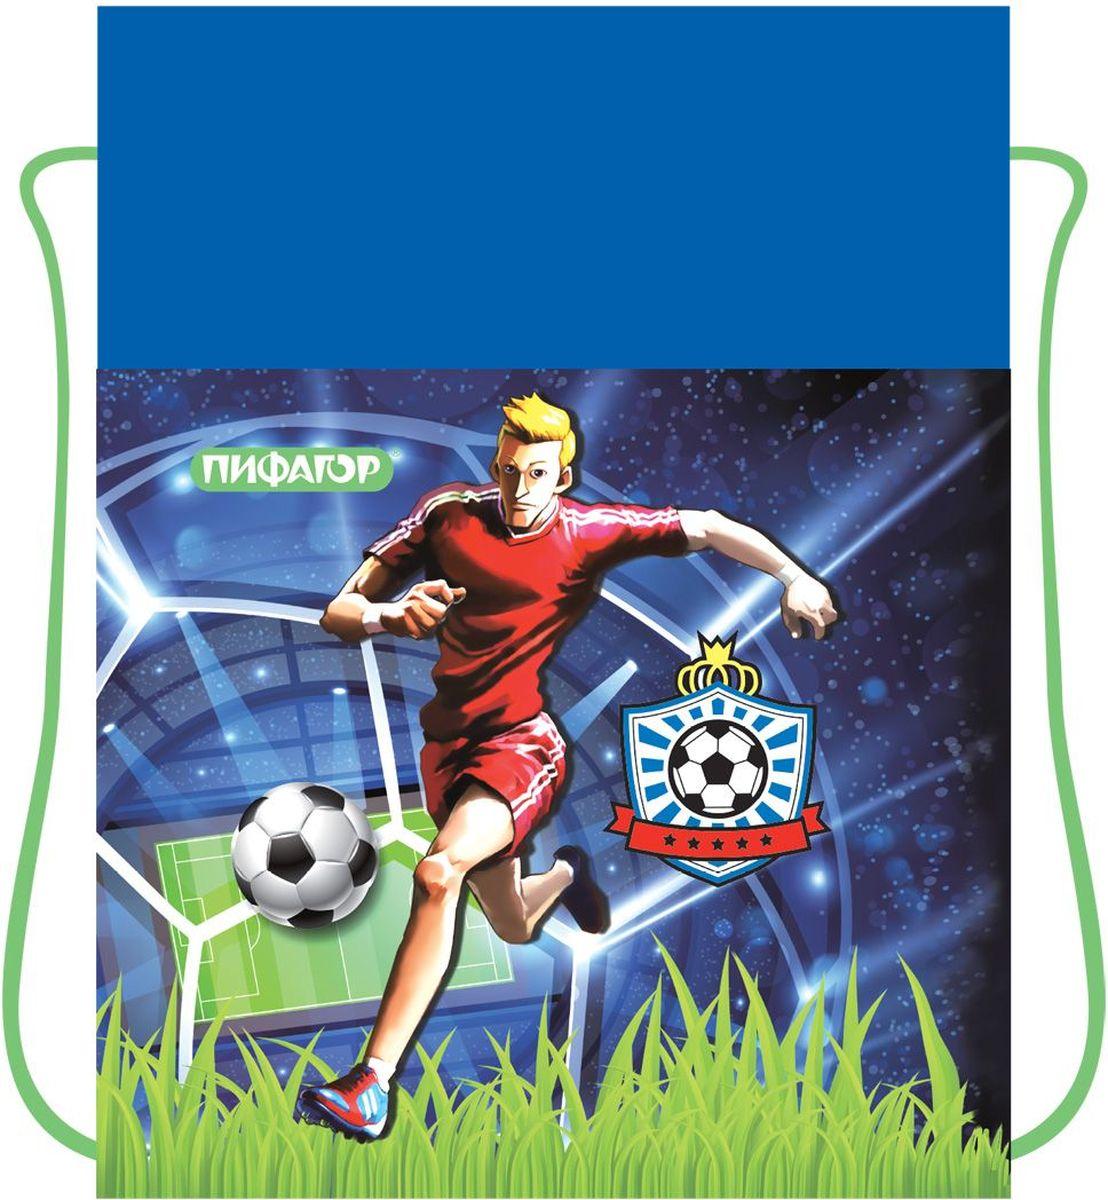 Пифагор Сумка для детской обуви Футбол цвет синий зеленый226519Сумка для обуви Пифагор предназначена для детей 7-10 лет. Вместительная сумка затягивается шнурком. Яркий тематический принт поможет школьнику проявить индивидуальность.Водоотталкивающая пропитка ткани.